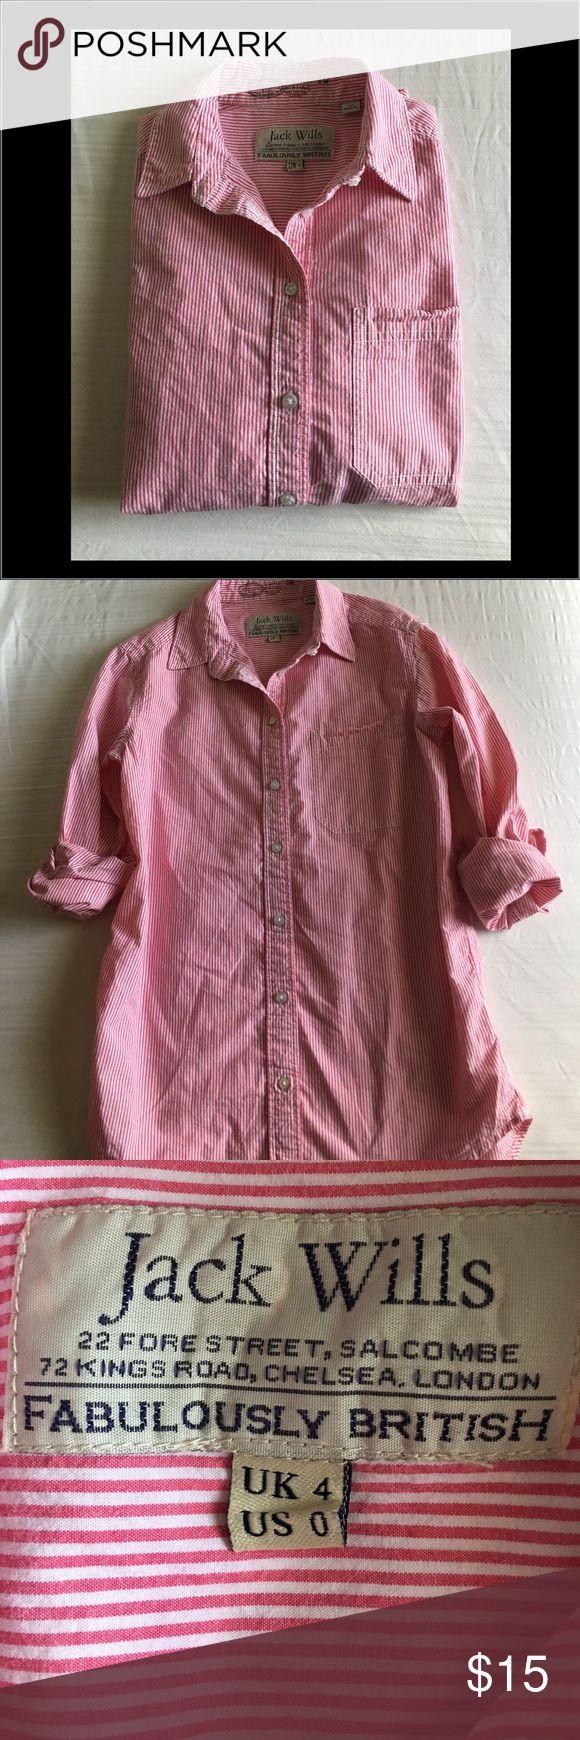 Jack Wills Boyfriend Fit Collar shirt Jack Wills pink and white pinstripe, button down, collar shirt. US size 0 Jack Wills Tops Button Down Shirts